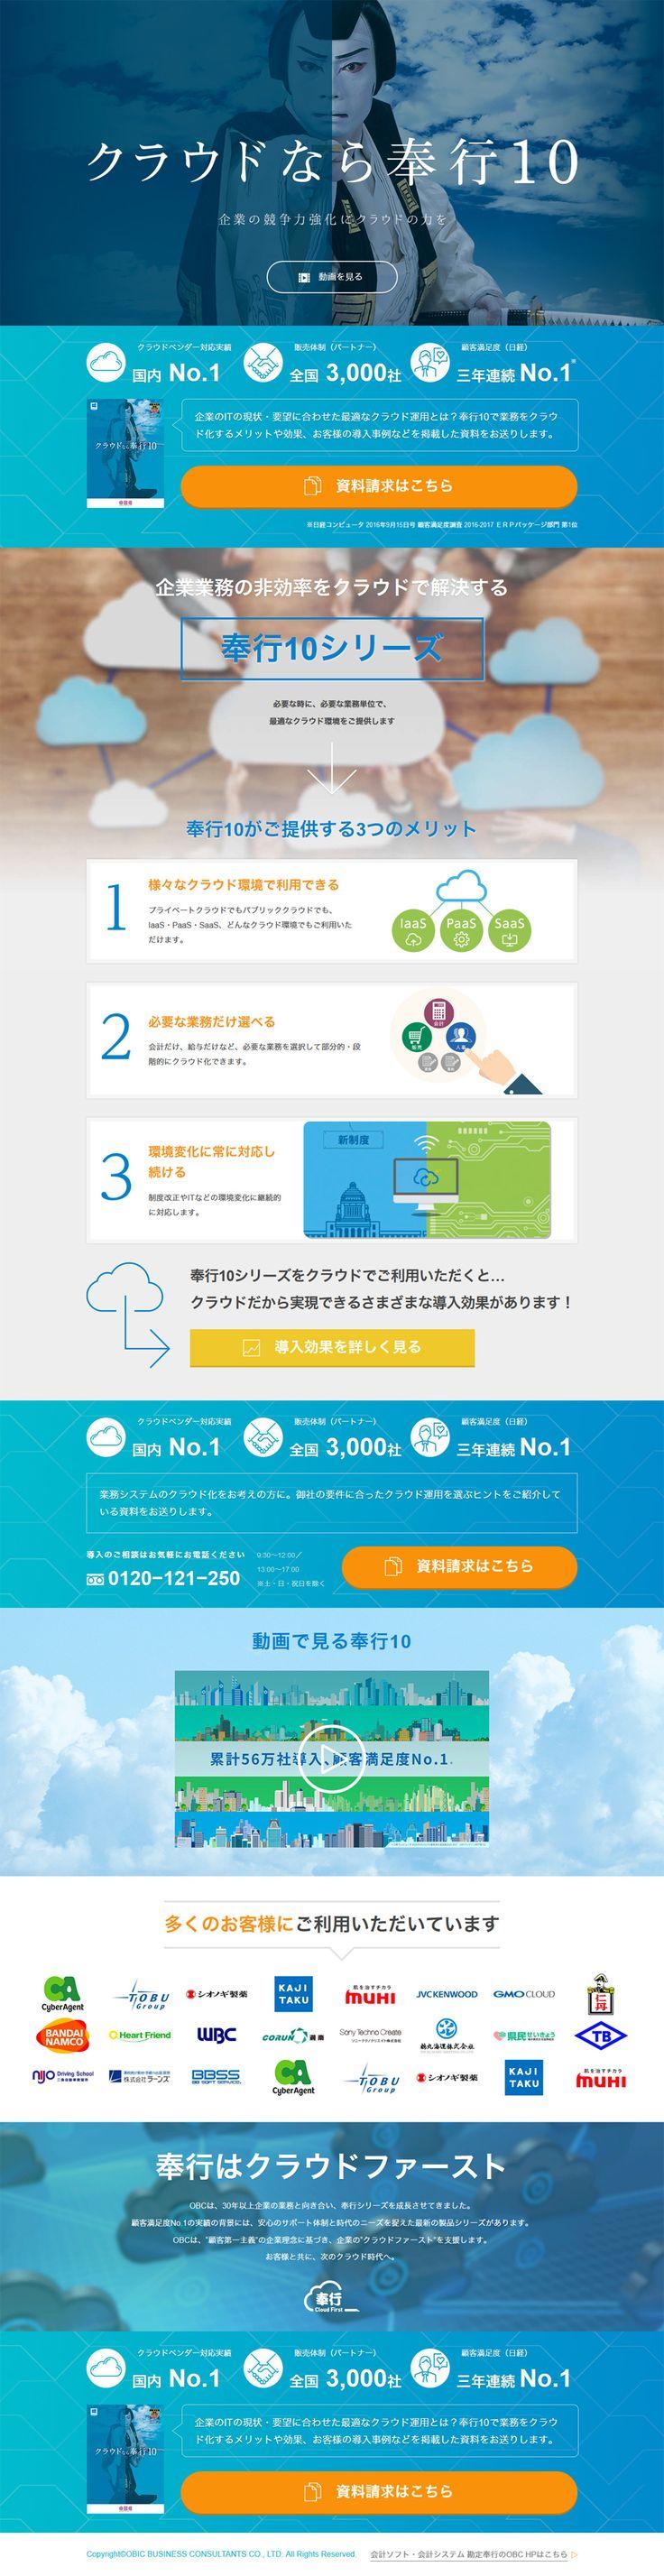 奉行10【インターネットサービス関連】のLPデザイン。WEBデザイナーさん必見!ランディングページのデザイン参考に(キレイ系)